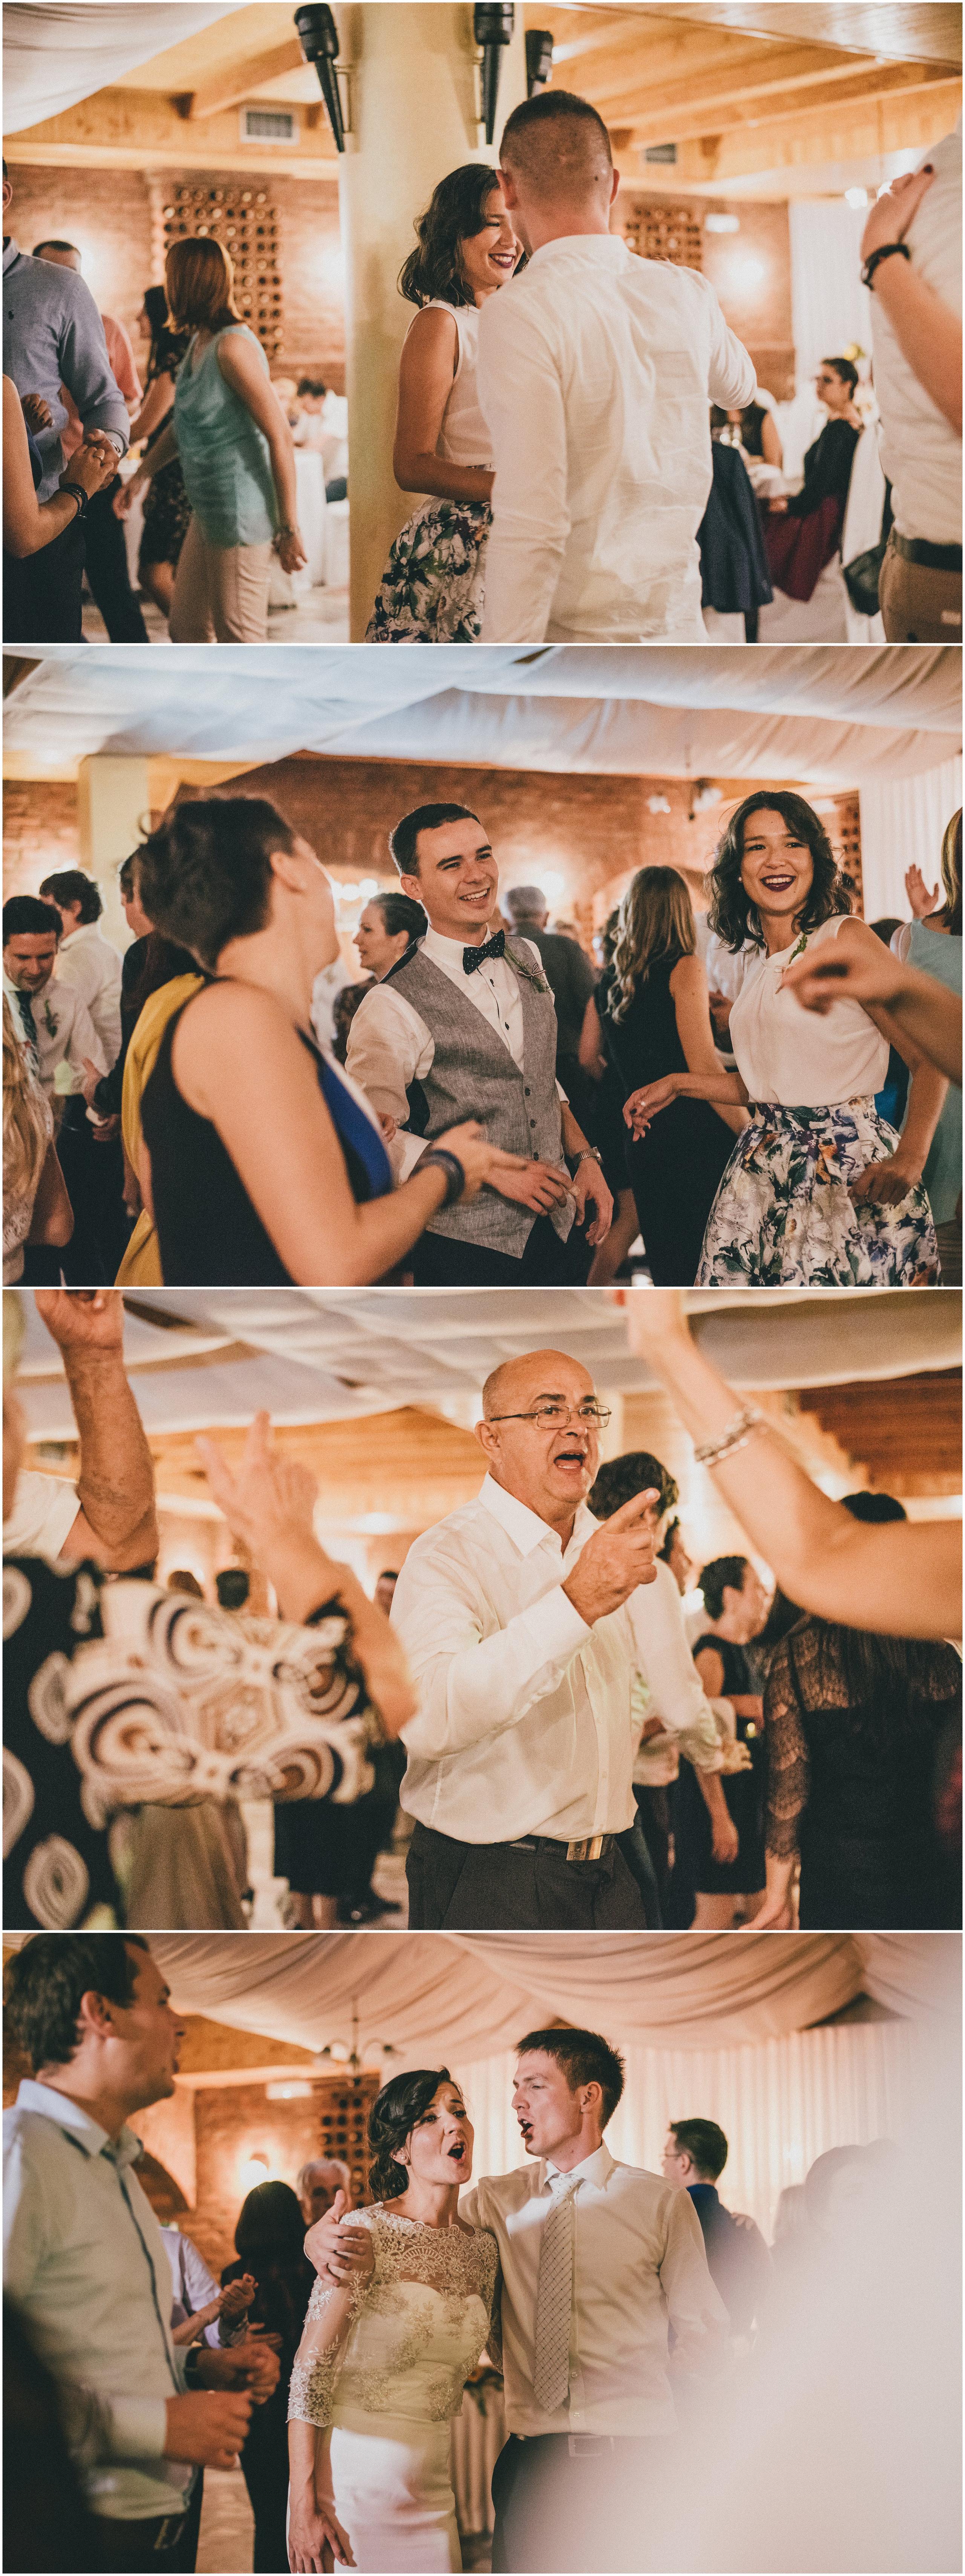 Ples u restoranu